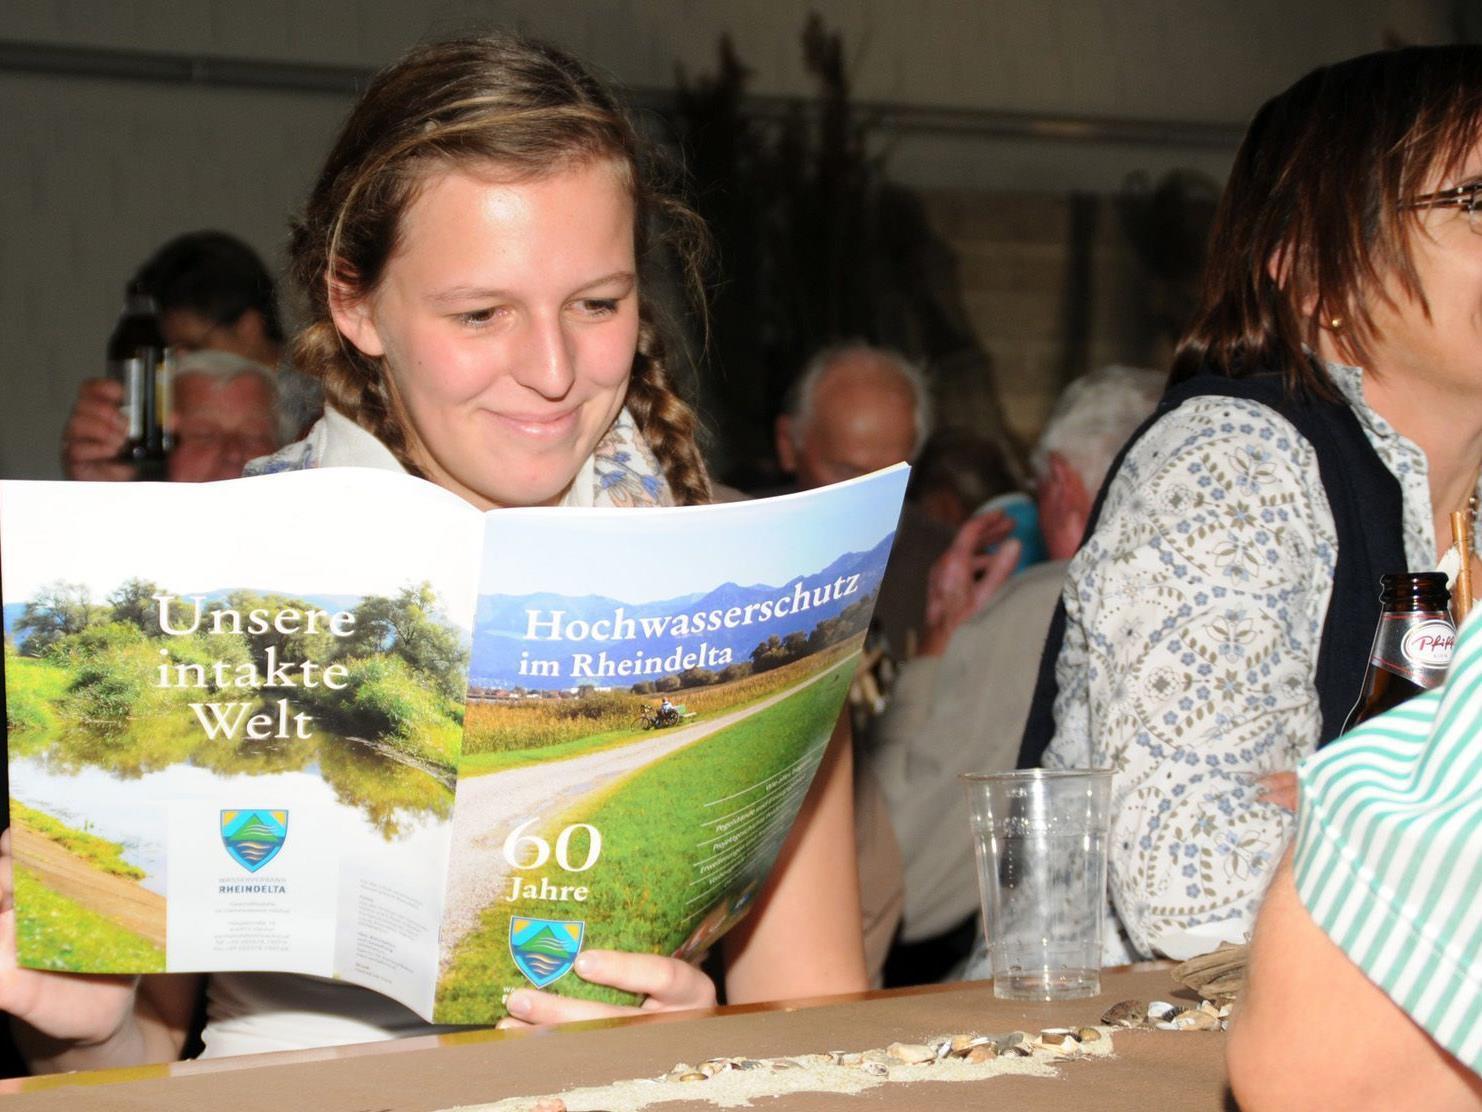 Das Heft zum Jubiläum des Wasserverbandes Rheindelta wird fleißig studiert.